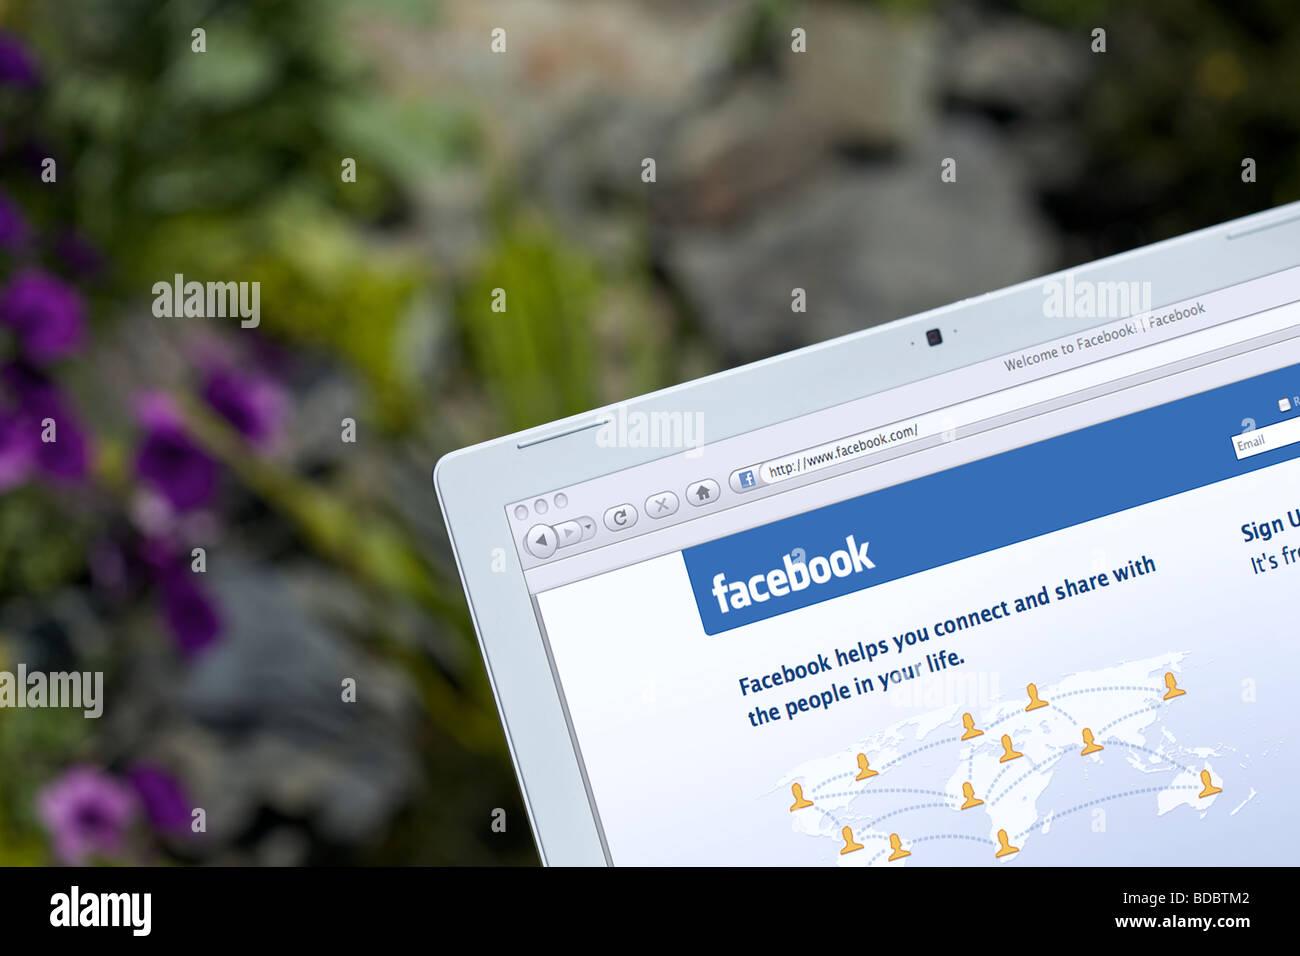 Ordinateur portable montrant les réseaux sociaux Facebook page de l'écran de démarrage Photo Stock